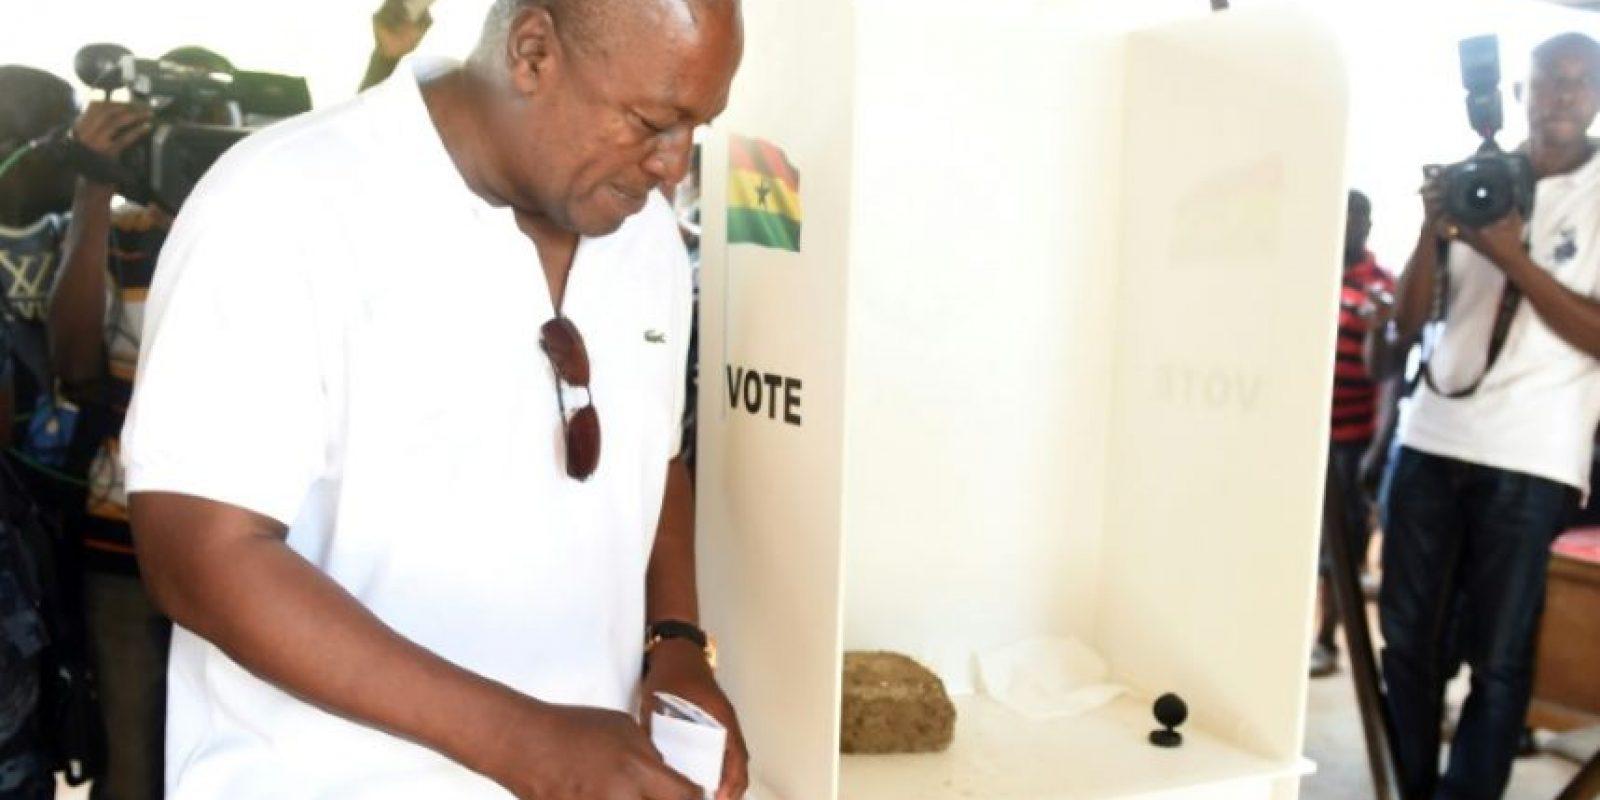 El presidente y candidato a la reelección, John Mahama, deposita su voto en una urna en el distrito de Bole, al norte de Ghana, el 7 de diciembre de 2016 Foto:Pius Utomi Ekpei/afp.com